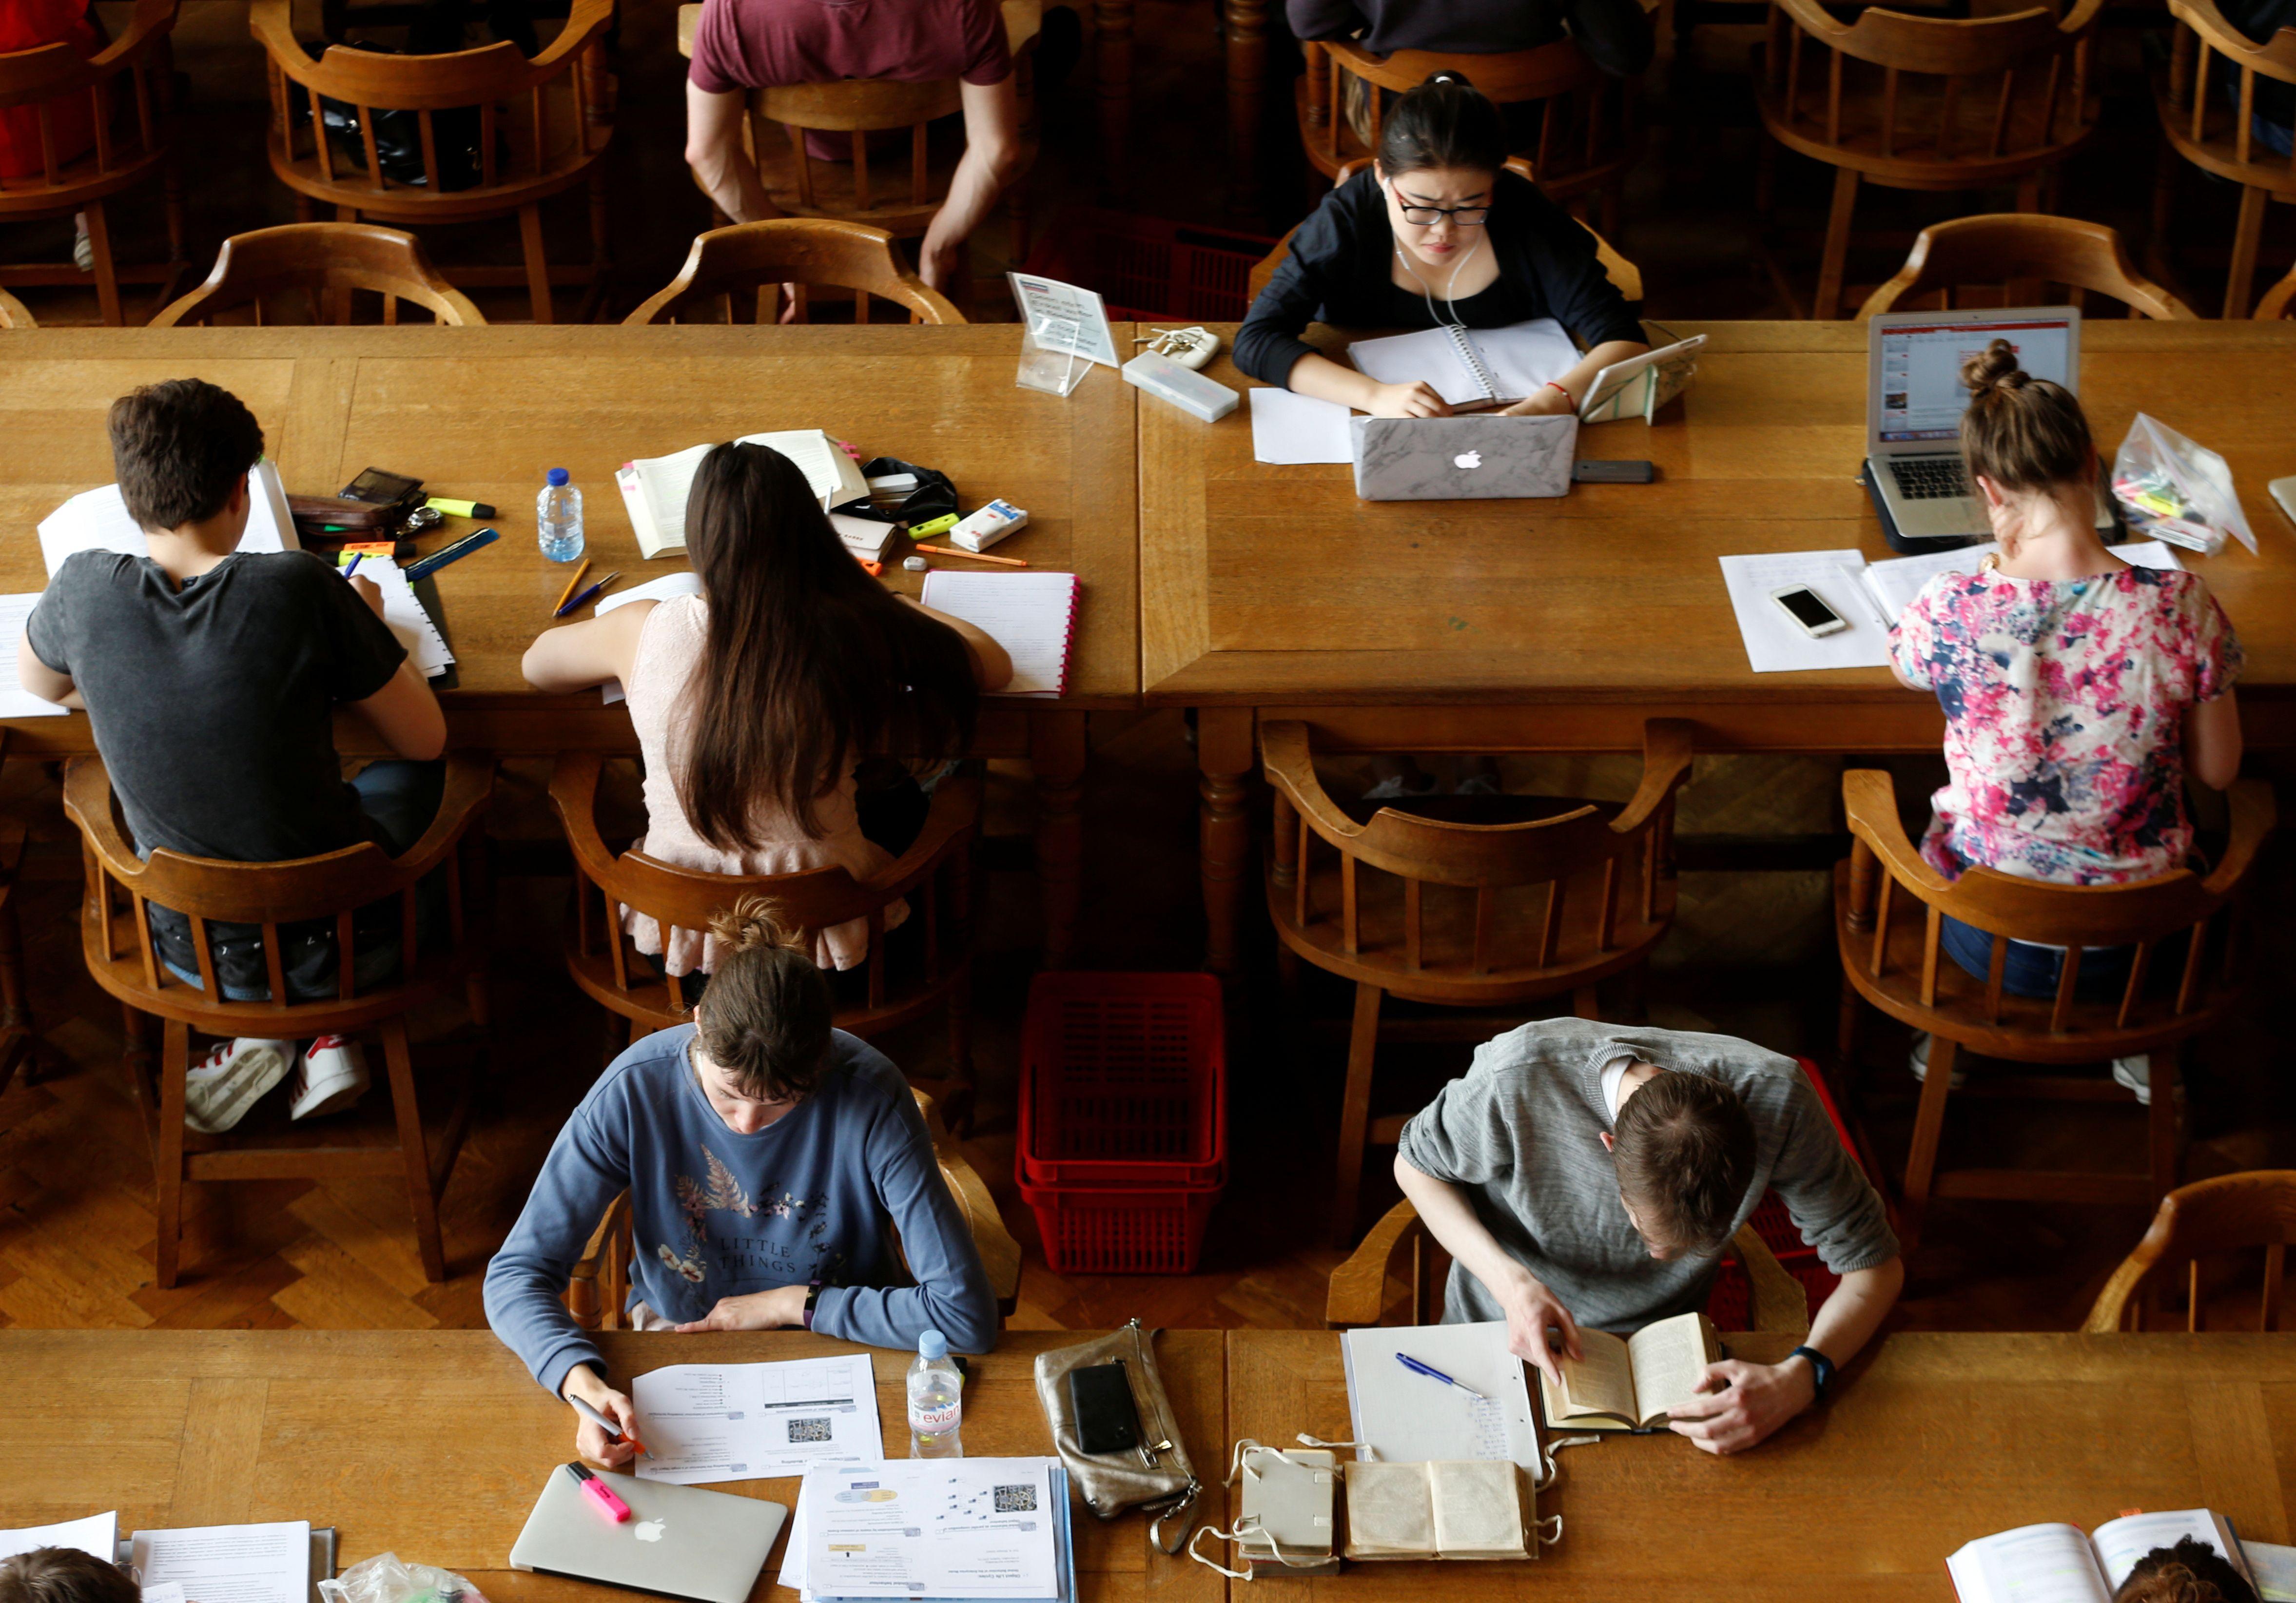 Sécurité sociale étudiante : le régime étudiant pourrait-il être dissous dans le régime général de sécurité sociale ?